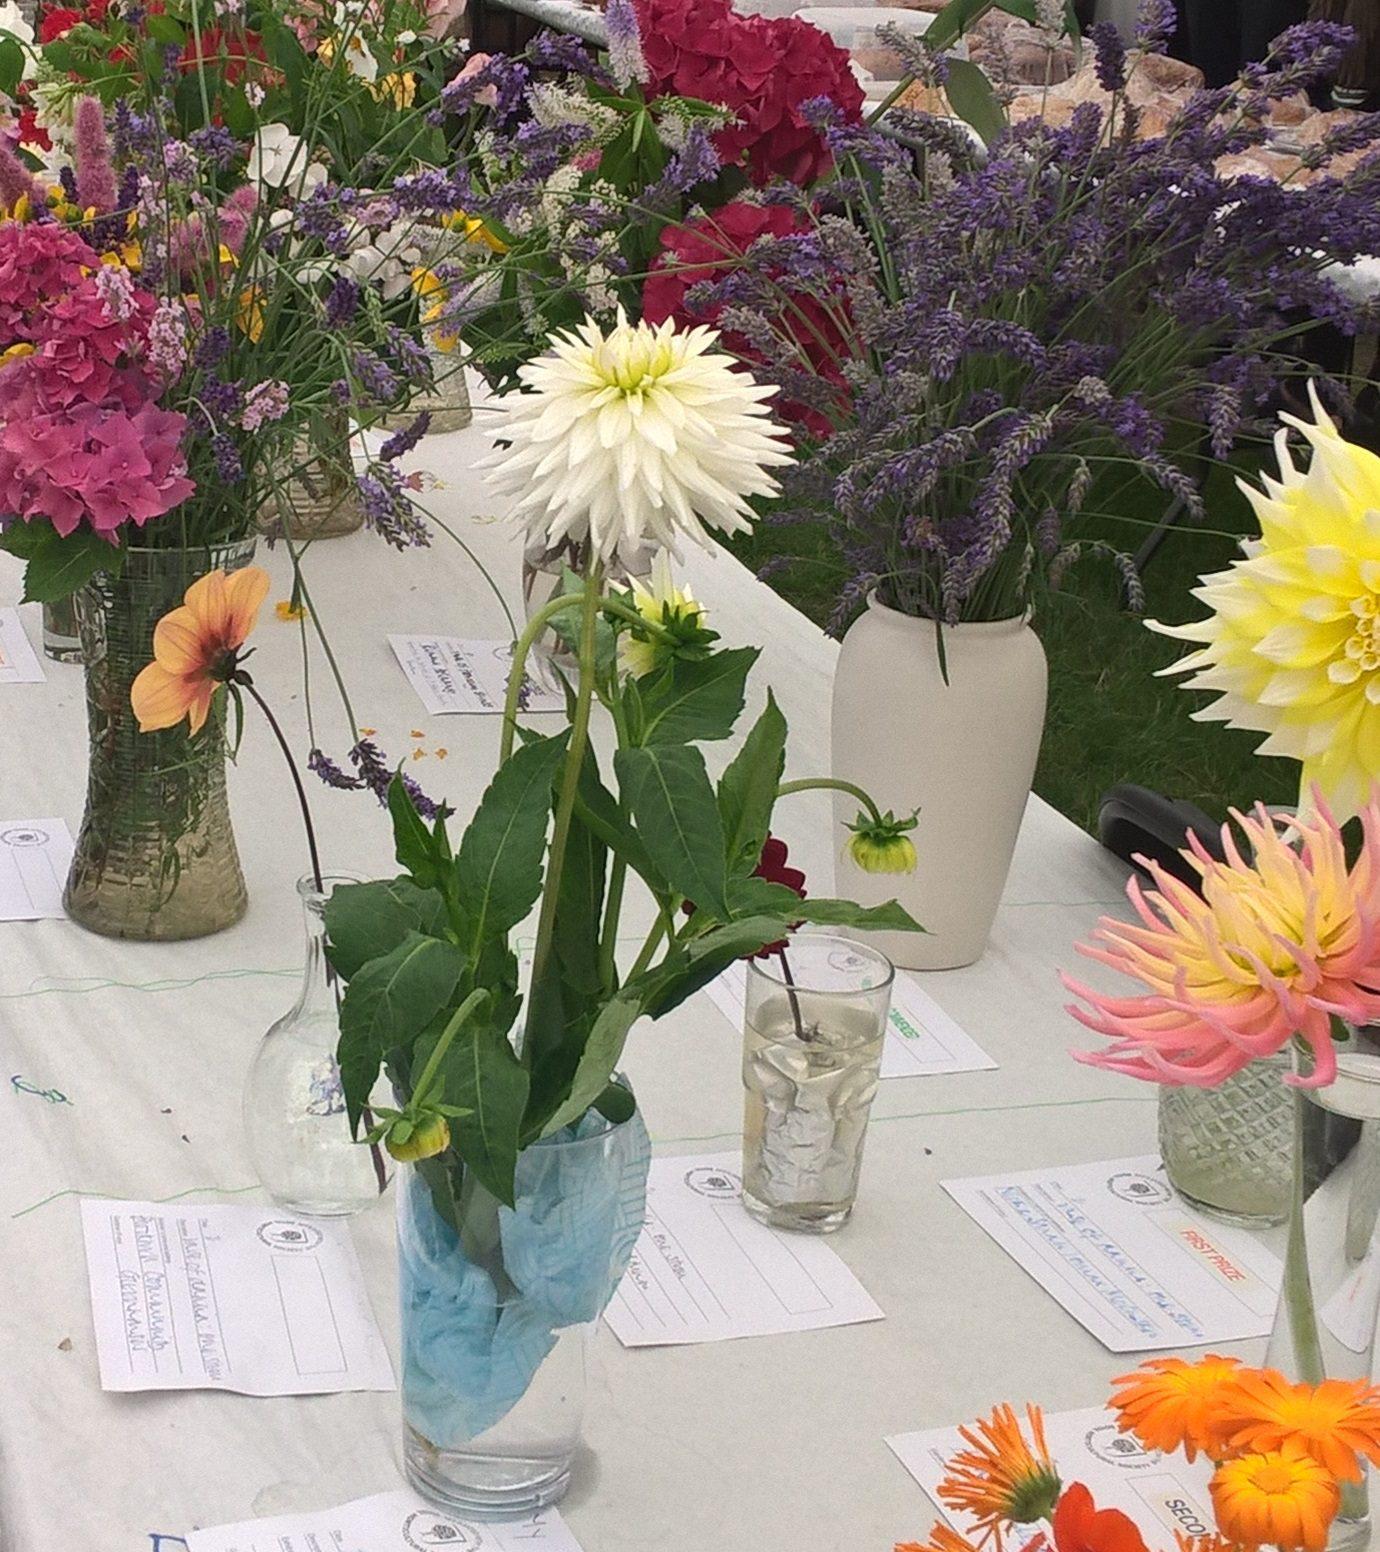 Flower show in St Luke's